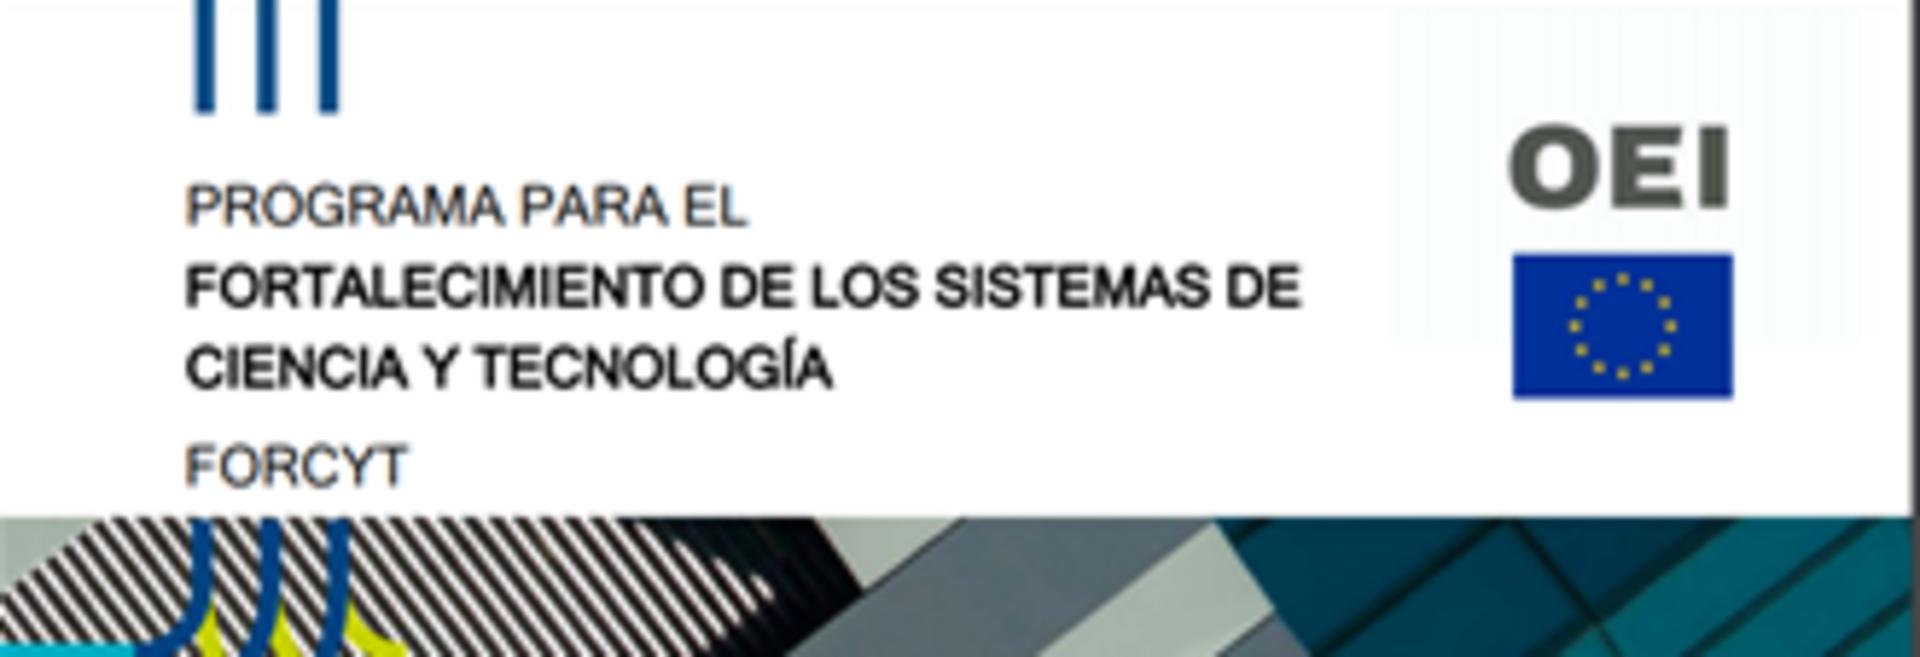 LLAMADOS ABIERTOS: Programa para el fortalecimiento de los sistemas de ciencia y tecnología (FORCYT) de la OEI